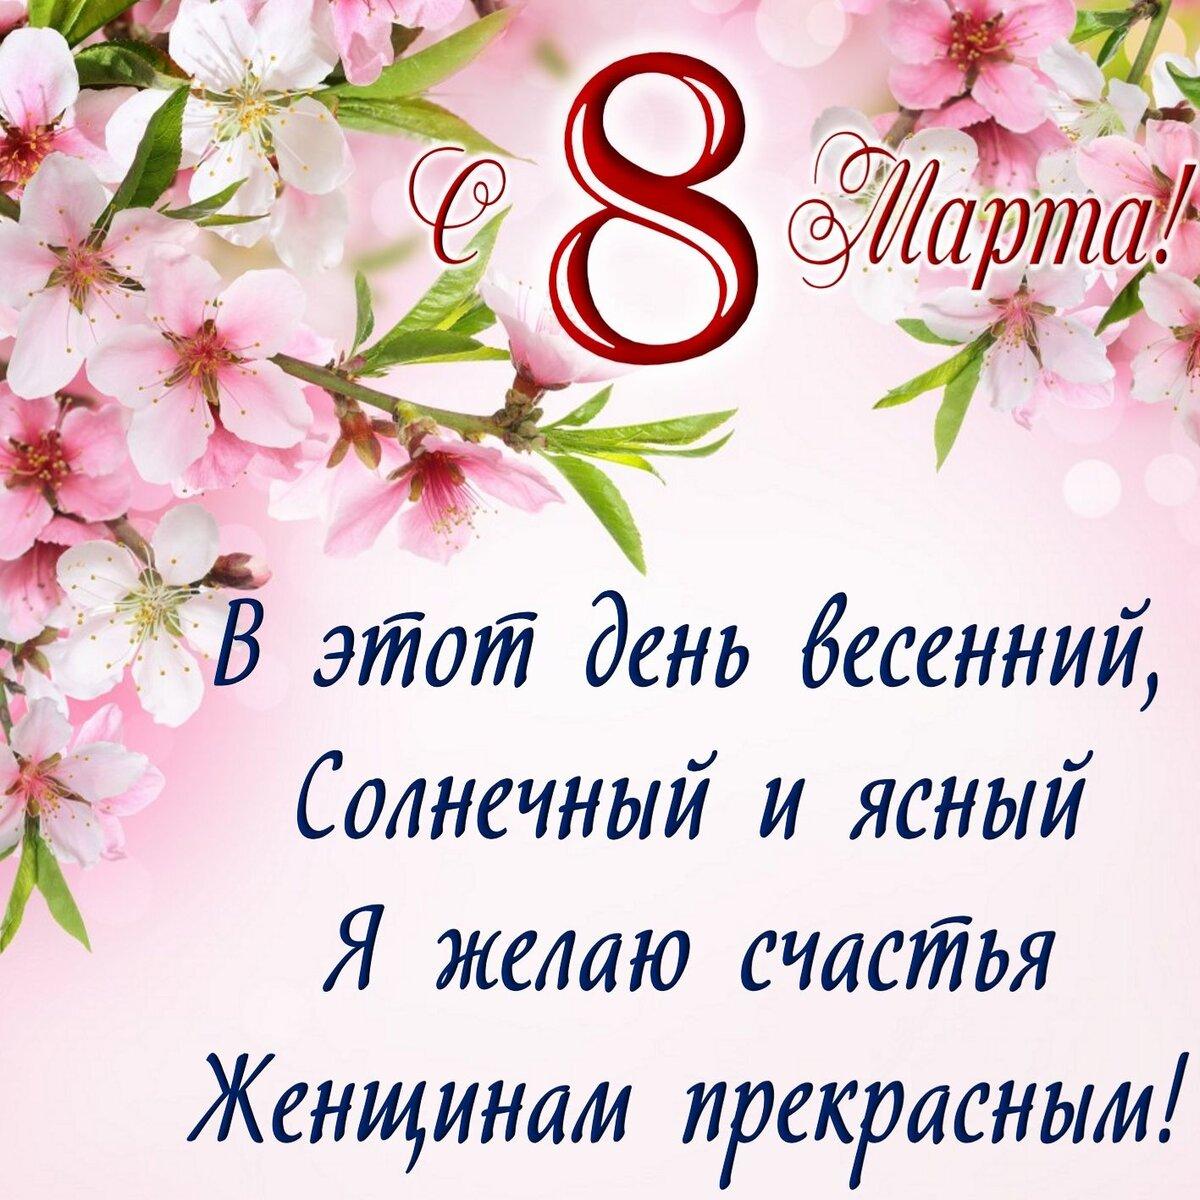 Дню ангела, рассылка поздравления 8 марта